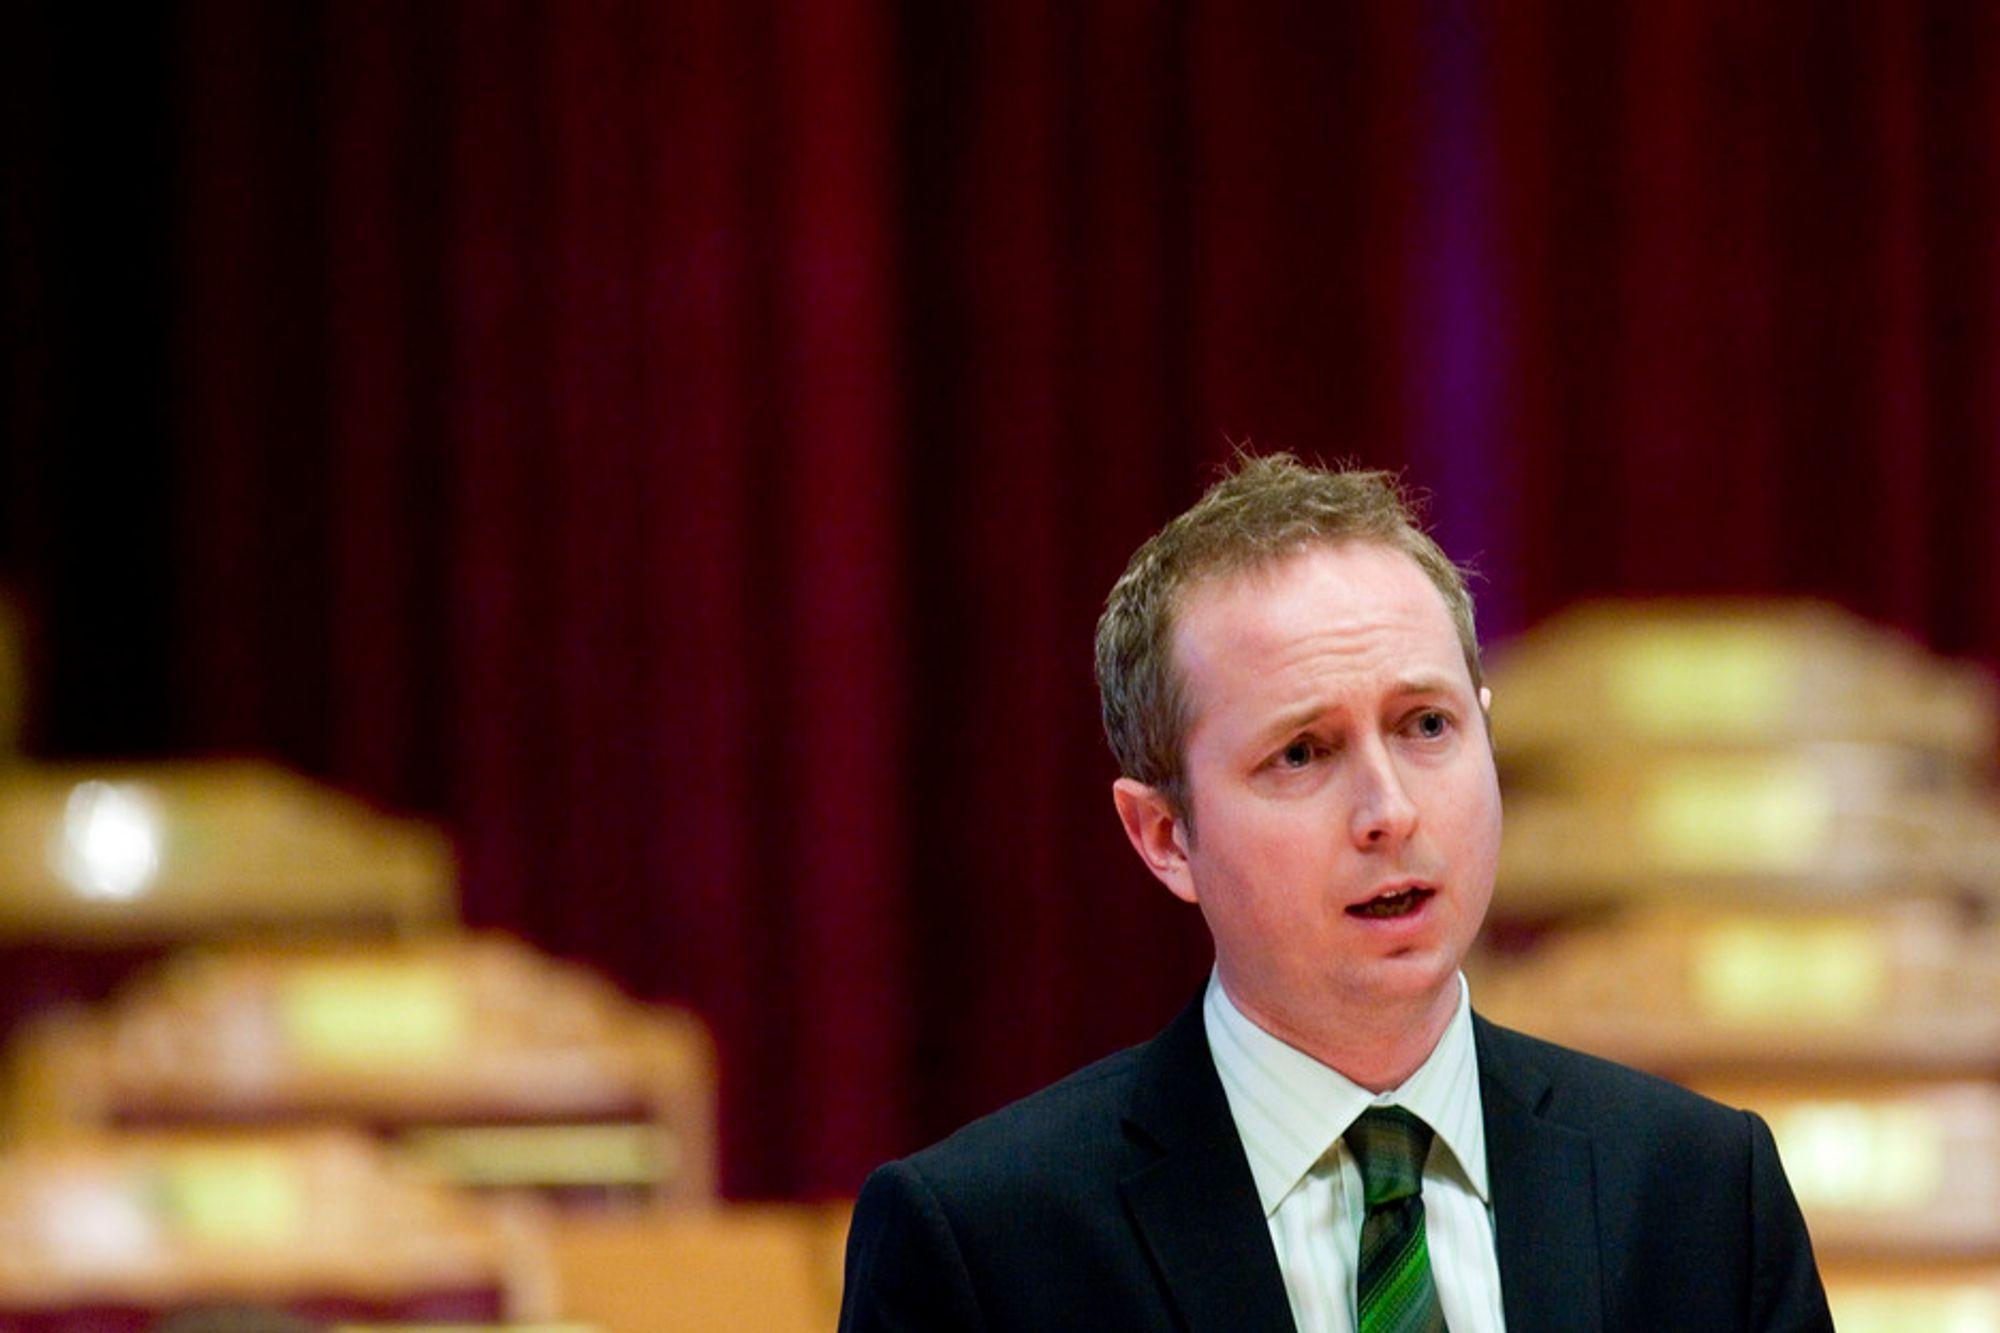 GRØNNERE: ¿ SV skal bli et fundamentalt grønt parti, sa partiets nestleder, Bård Vegar Solhjell.